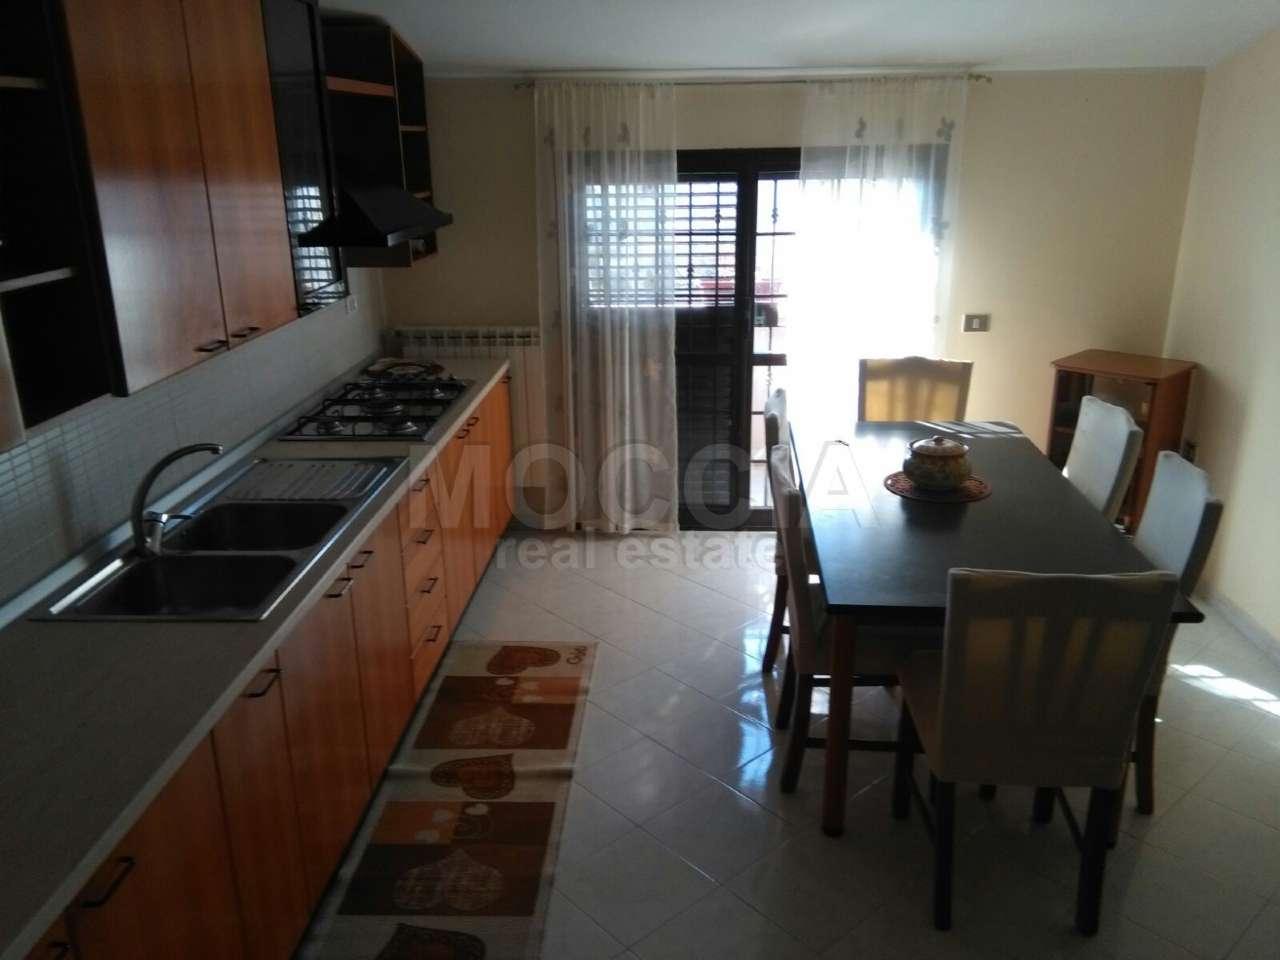 Appartamento in affitto a Caserta, 3 locali, prezzo € 400 | Cambio Casa.it